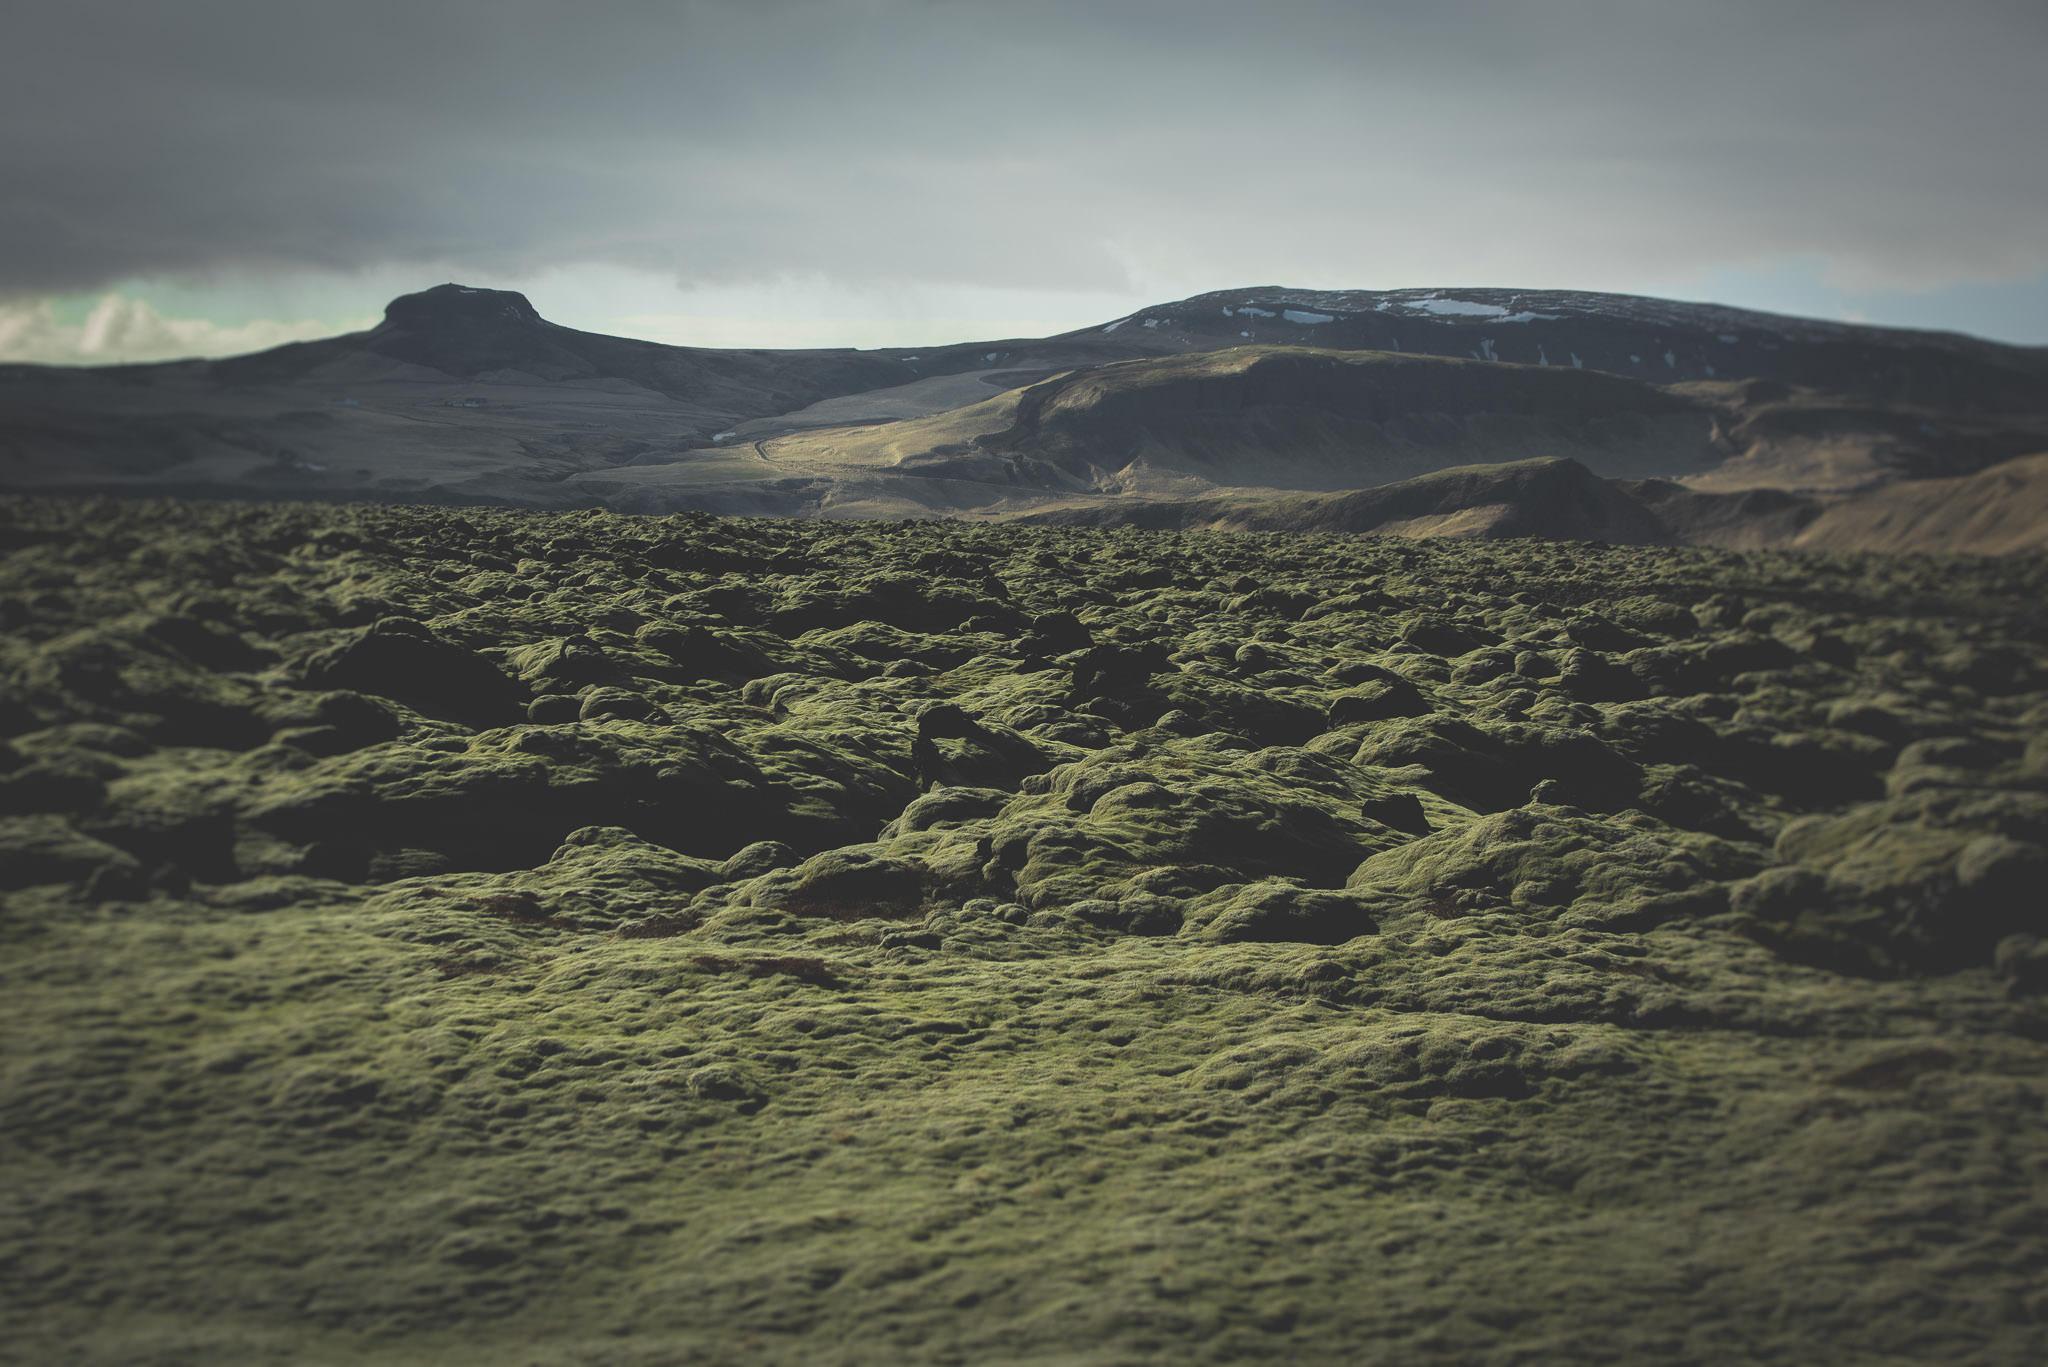 Lavaen har formet naturen,  imens mosset har taget over. For en Amagerkaner som mig, er det imponerende, for en Islænder nok ikke så meget.